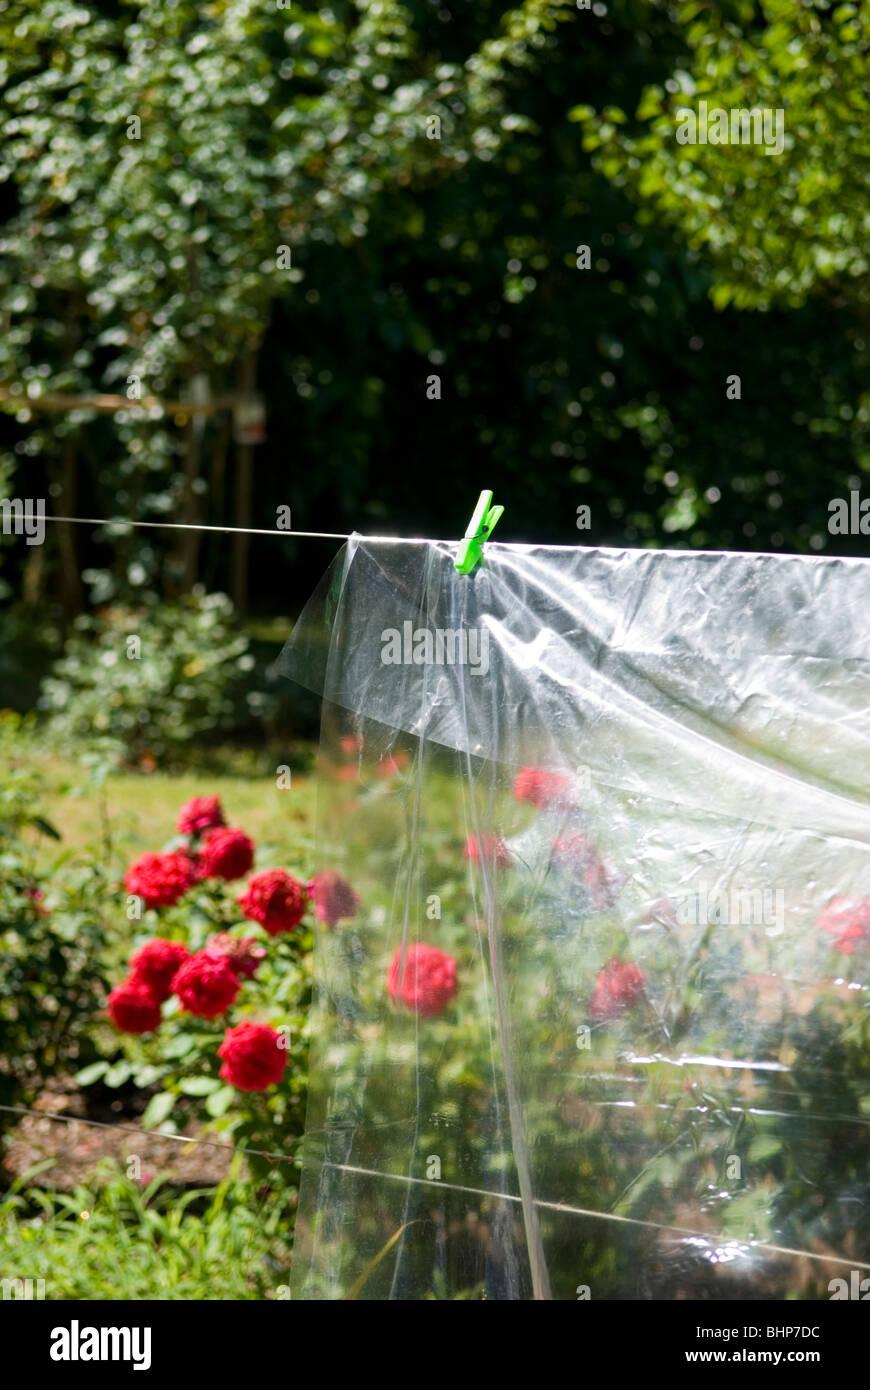 Une feuille de plastique transparent est suspendu au soleil, dans un jardin avec un lit de roses en arrière Photo Stock